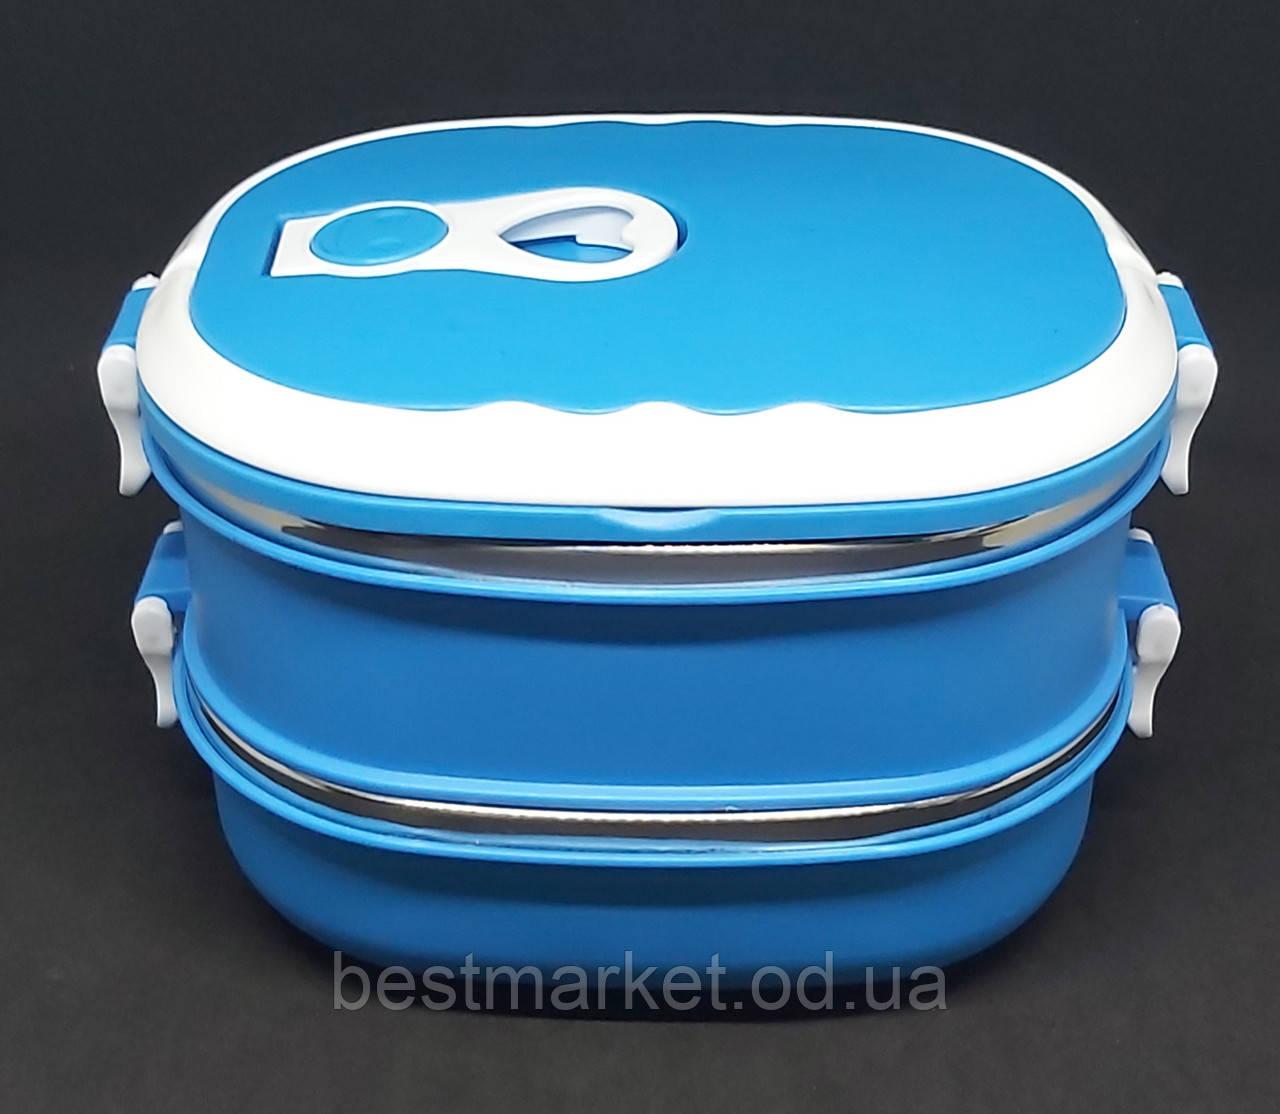 Ланч Бокс для Харчових Продуктів на 2 секції Lunch Box Контейнер для їжі